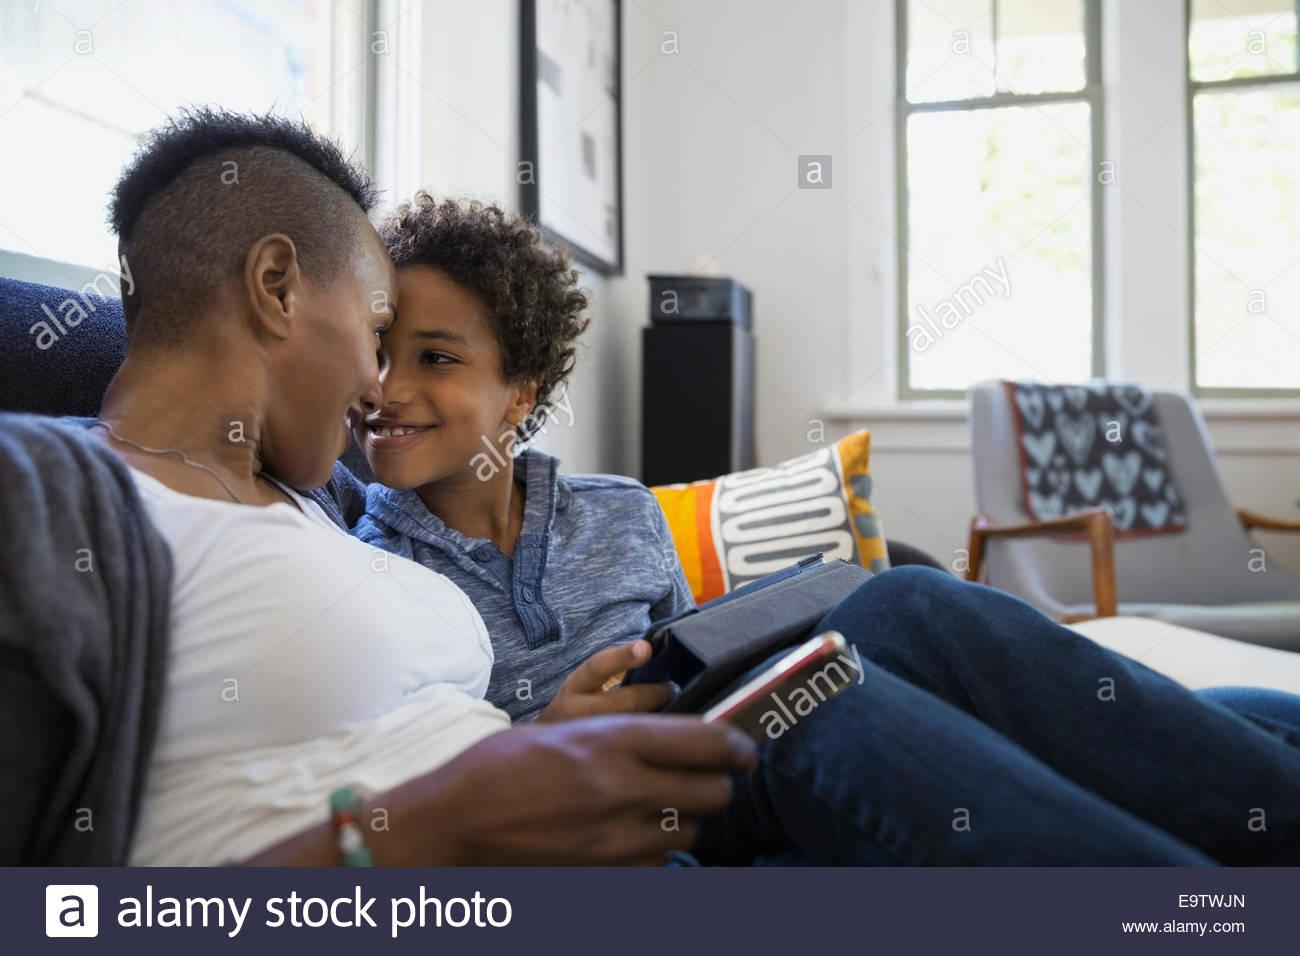 Mère et fils rubbing noses sur canapé Photo Stock